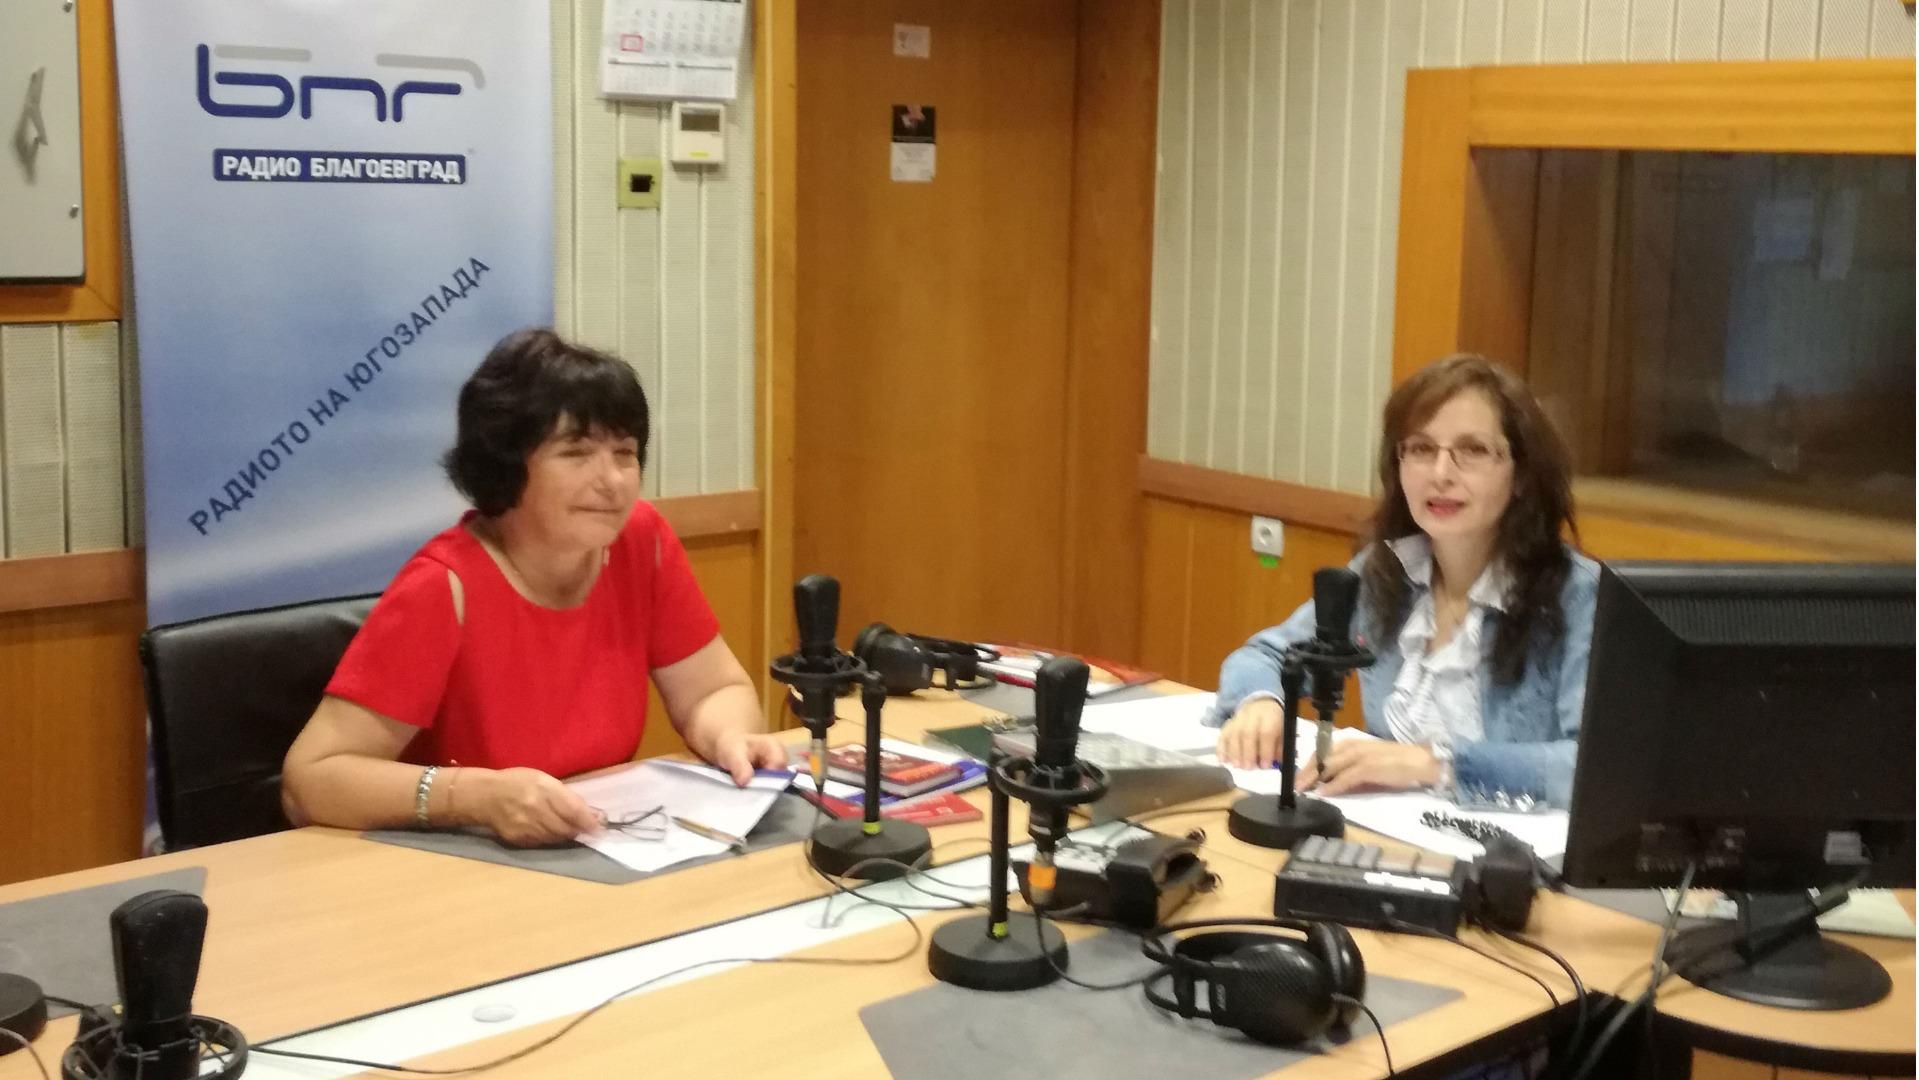 Емилия Илиева в студиото при водещата Райна Ванчева